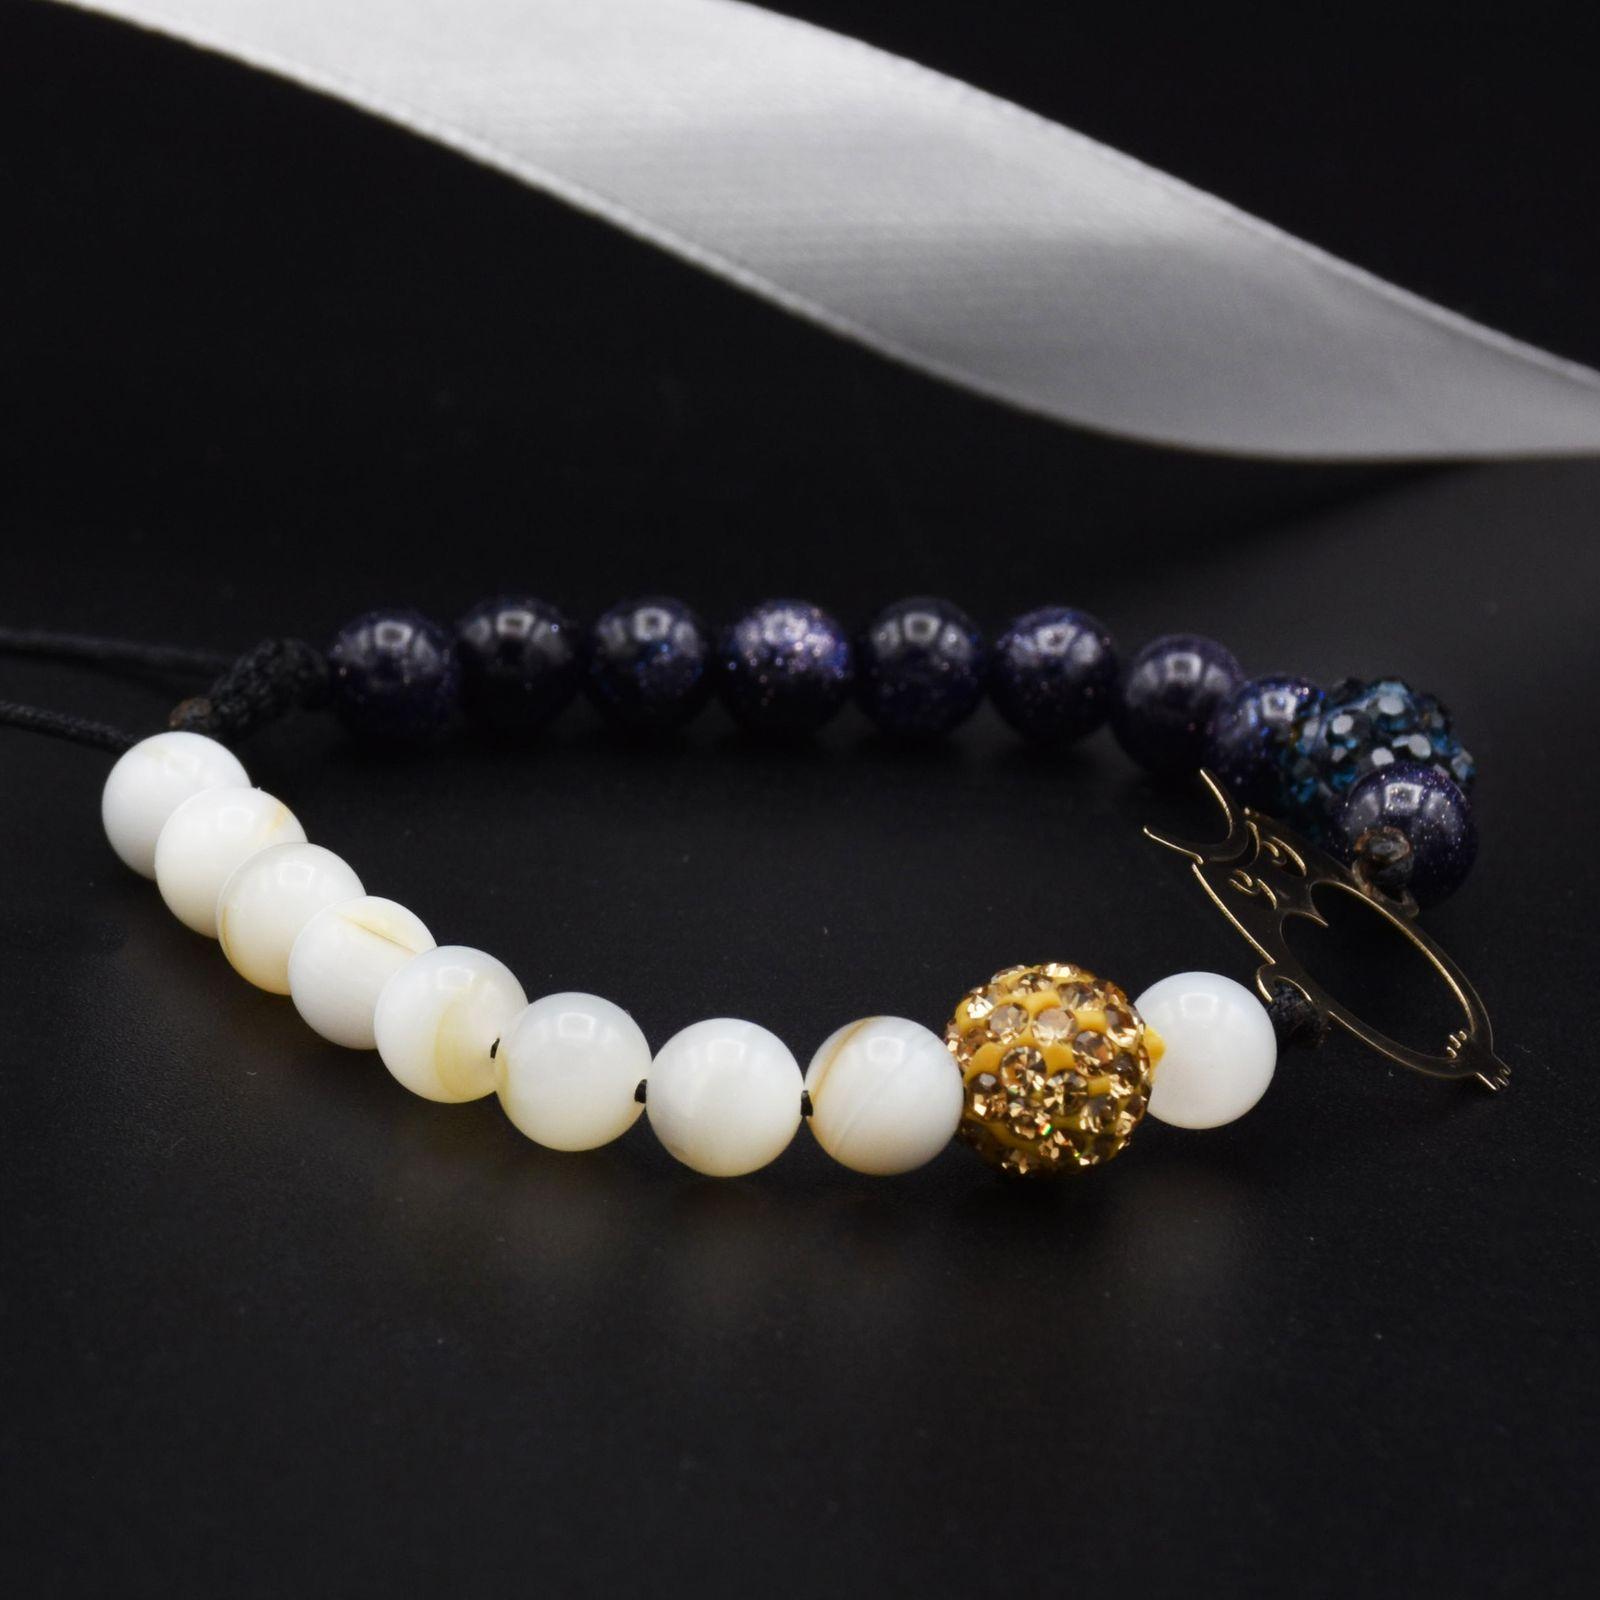 دستبند طلا 18 عیار زنانه آمانژ طرح جغد کد 943D8897 -  - 3